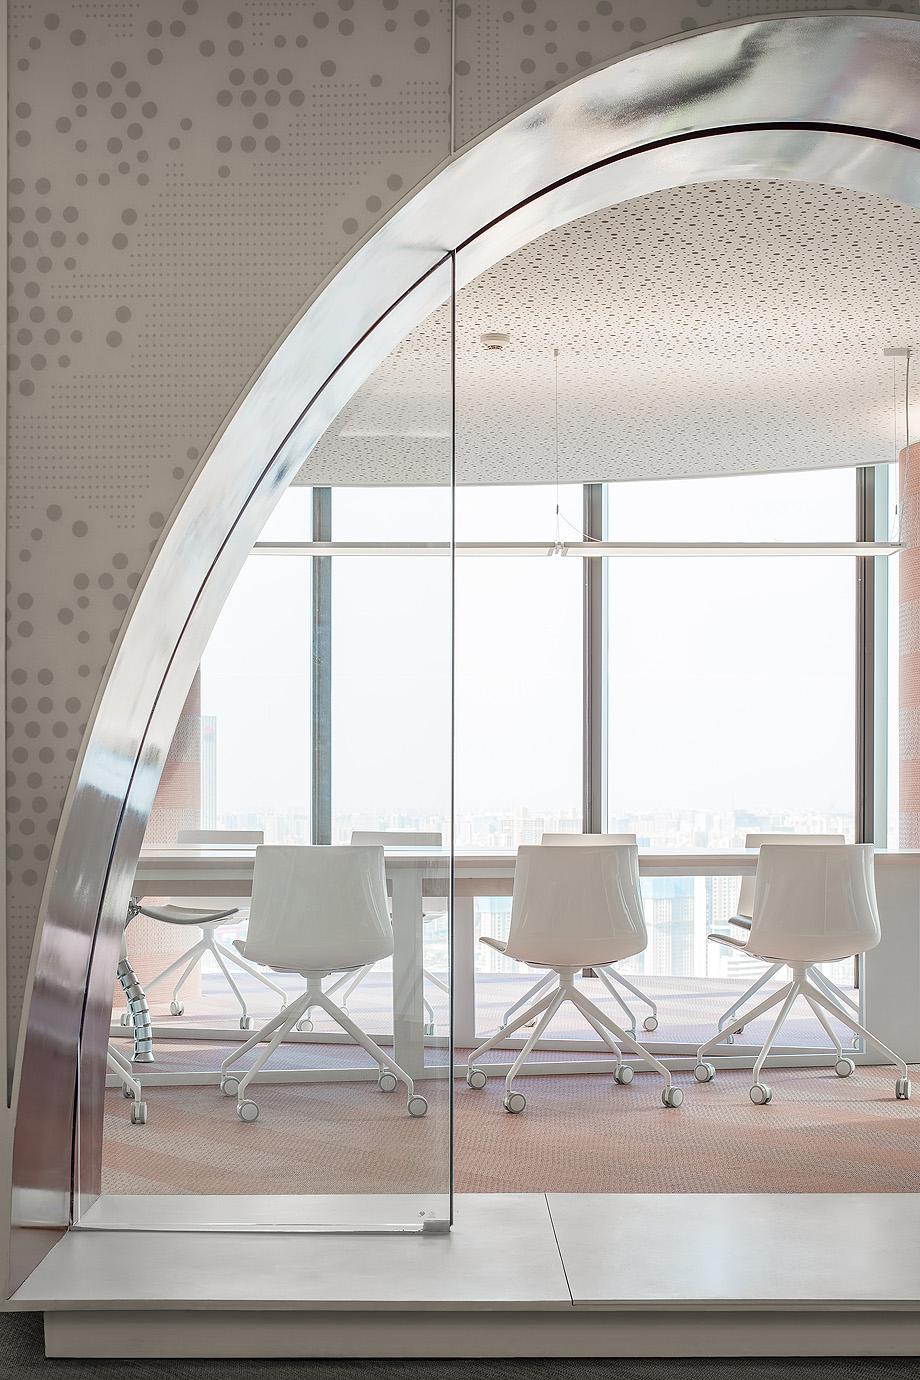 oficinas de new silk road de dang ming (18) - foto tan xiao